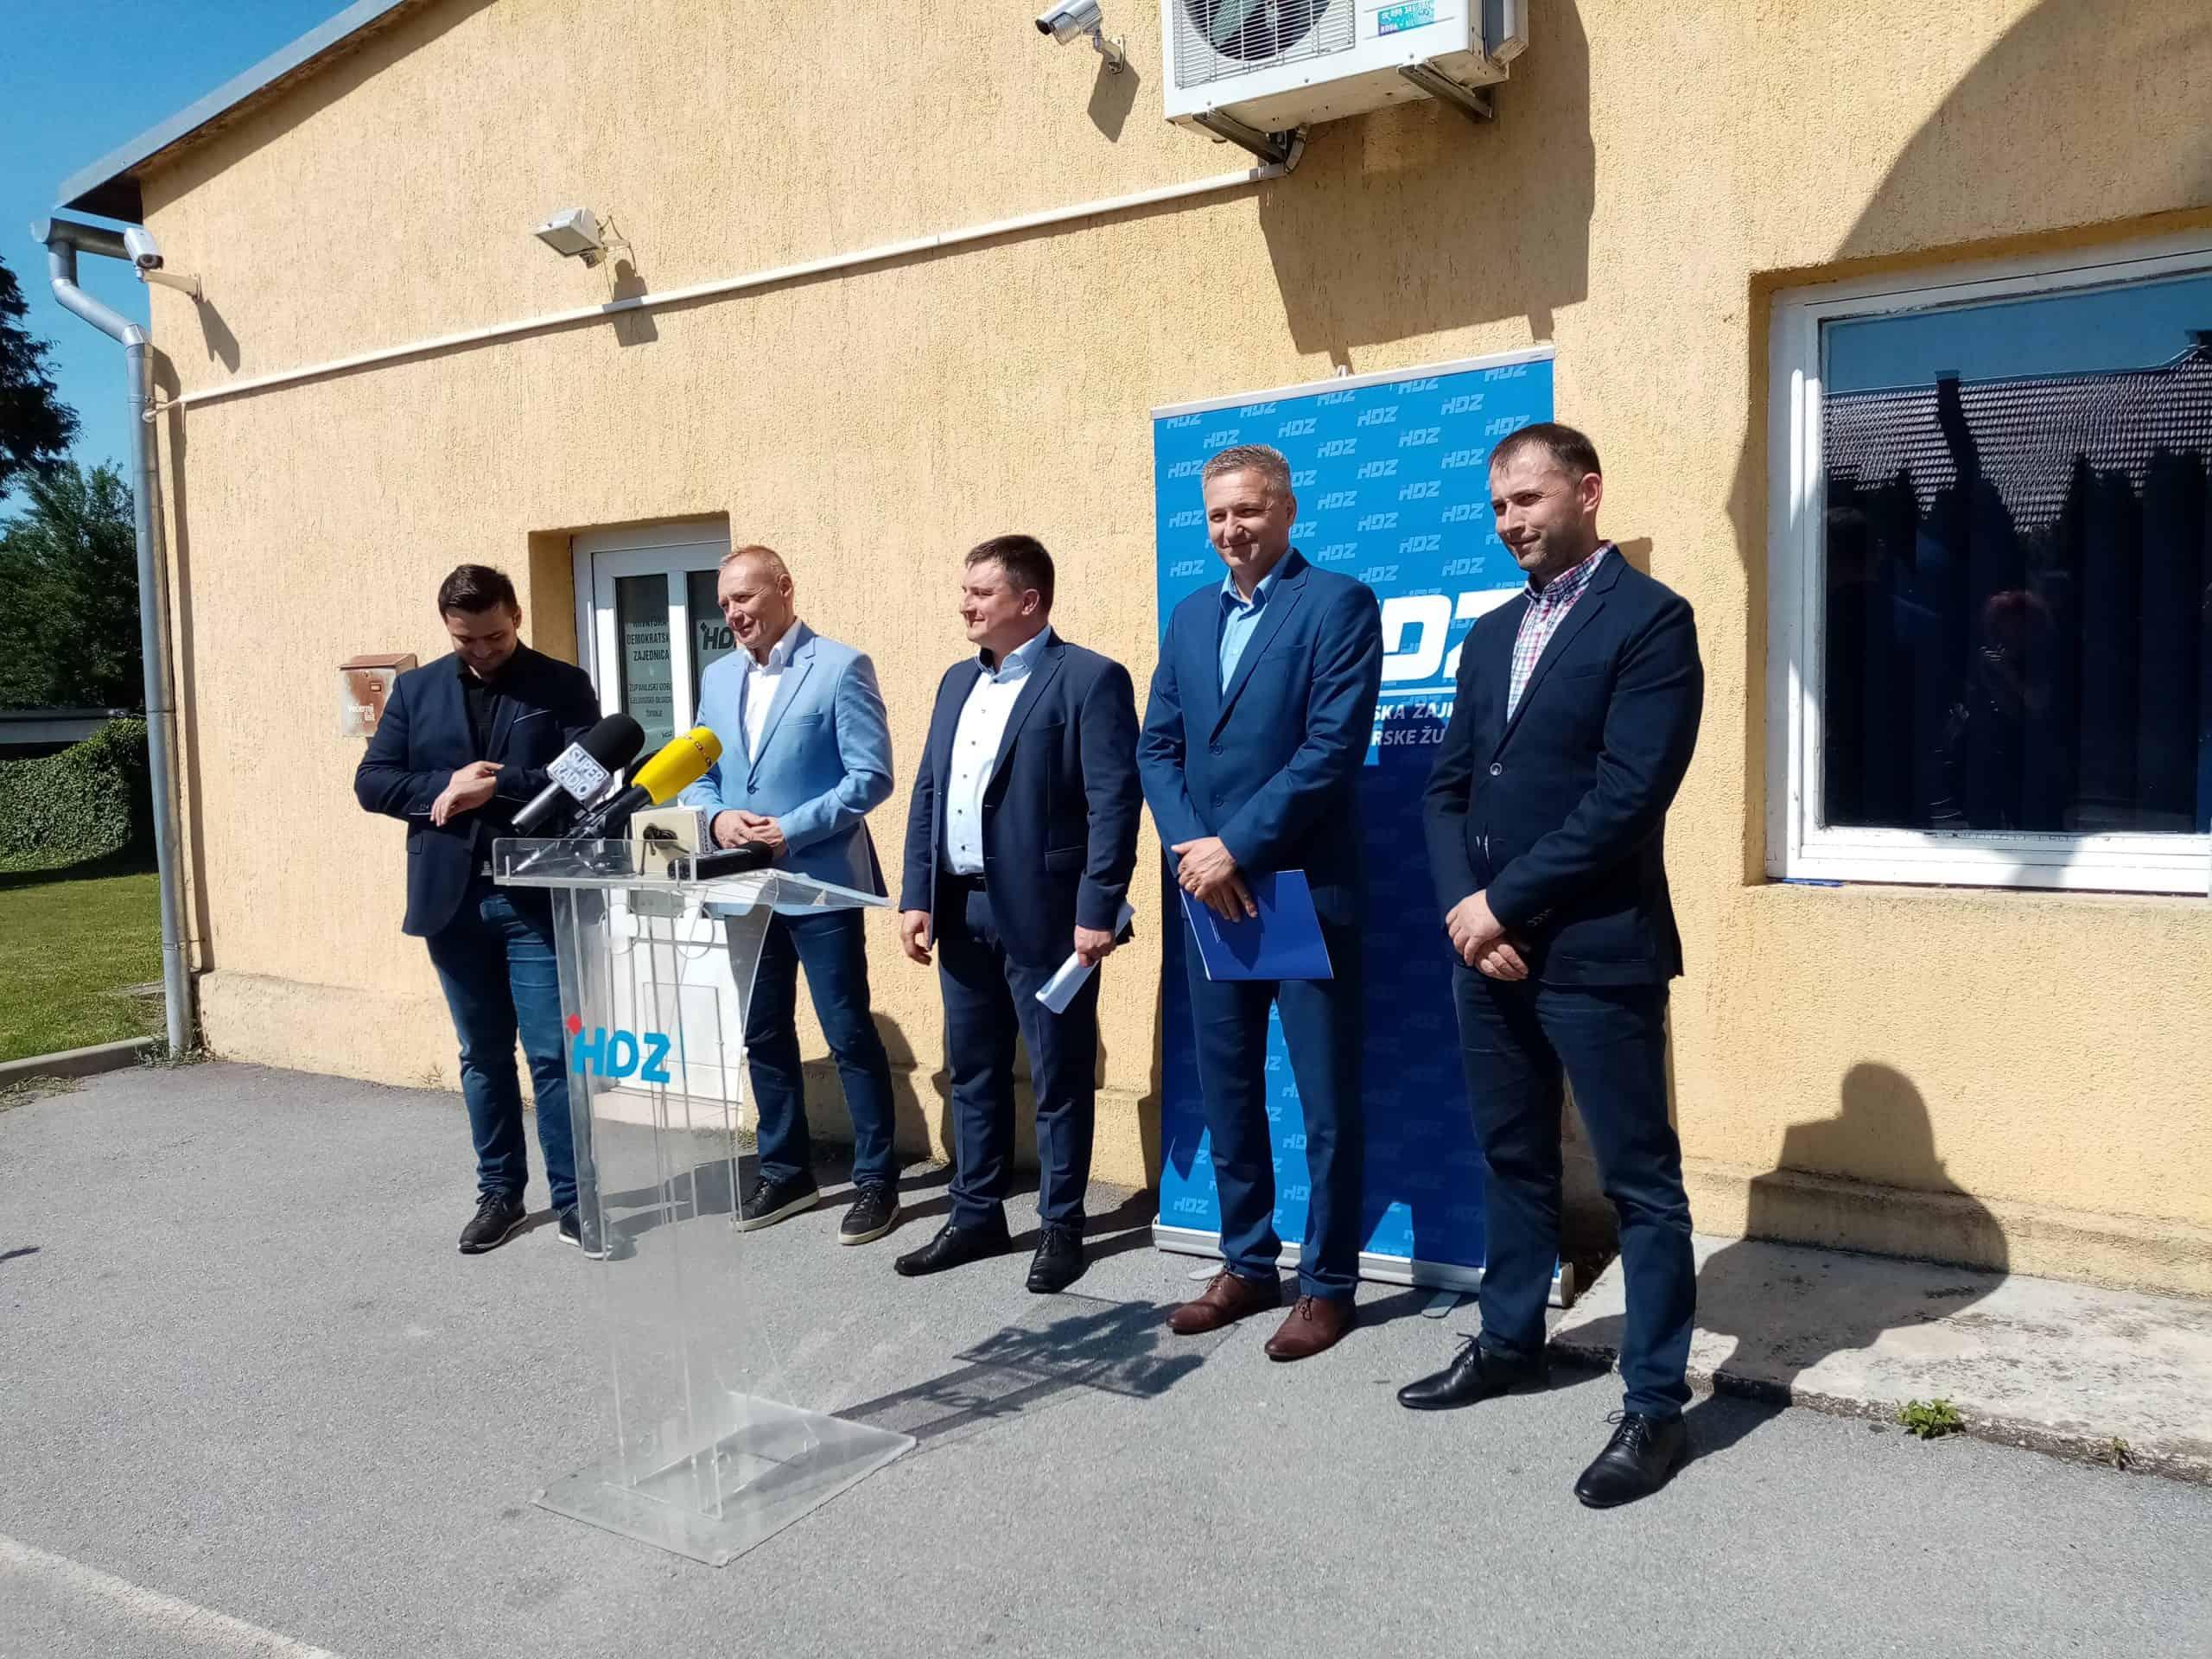 HDZ BBŽ TVRDI Ni najbliži Bajsovi suradnici neće Berinu koaliciju!